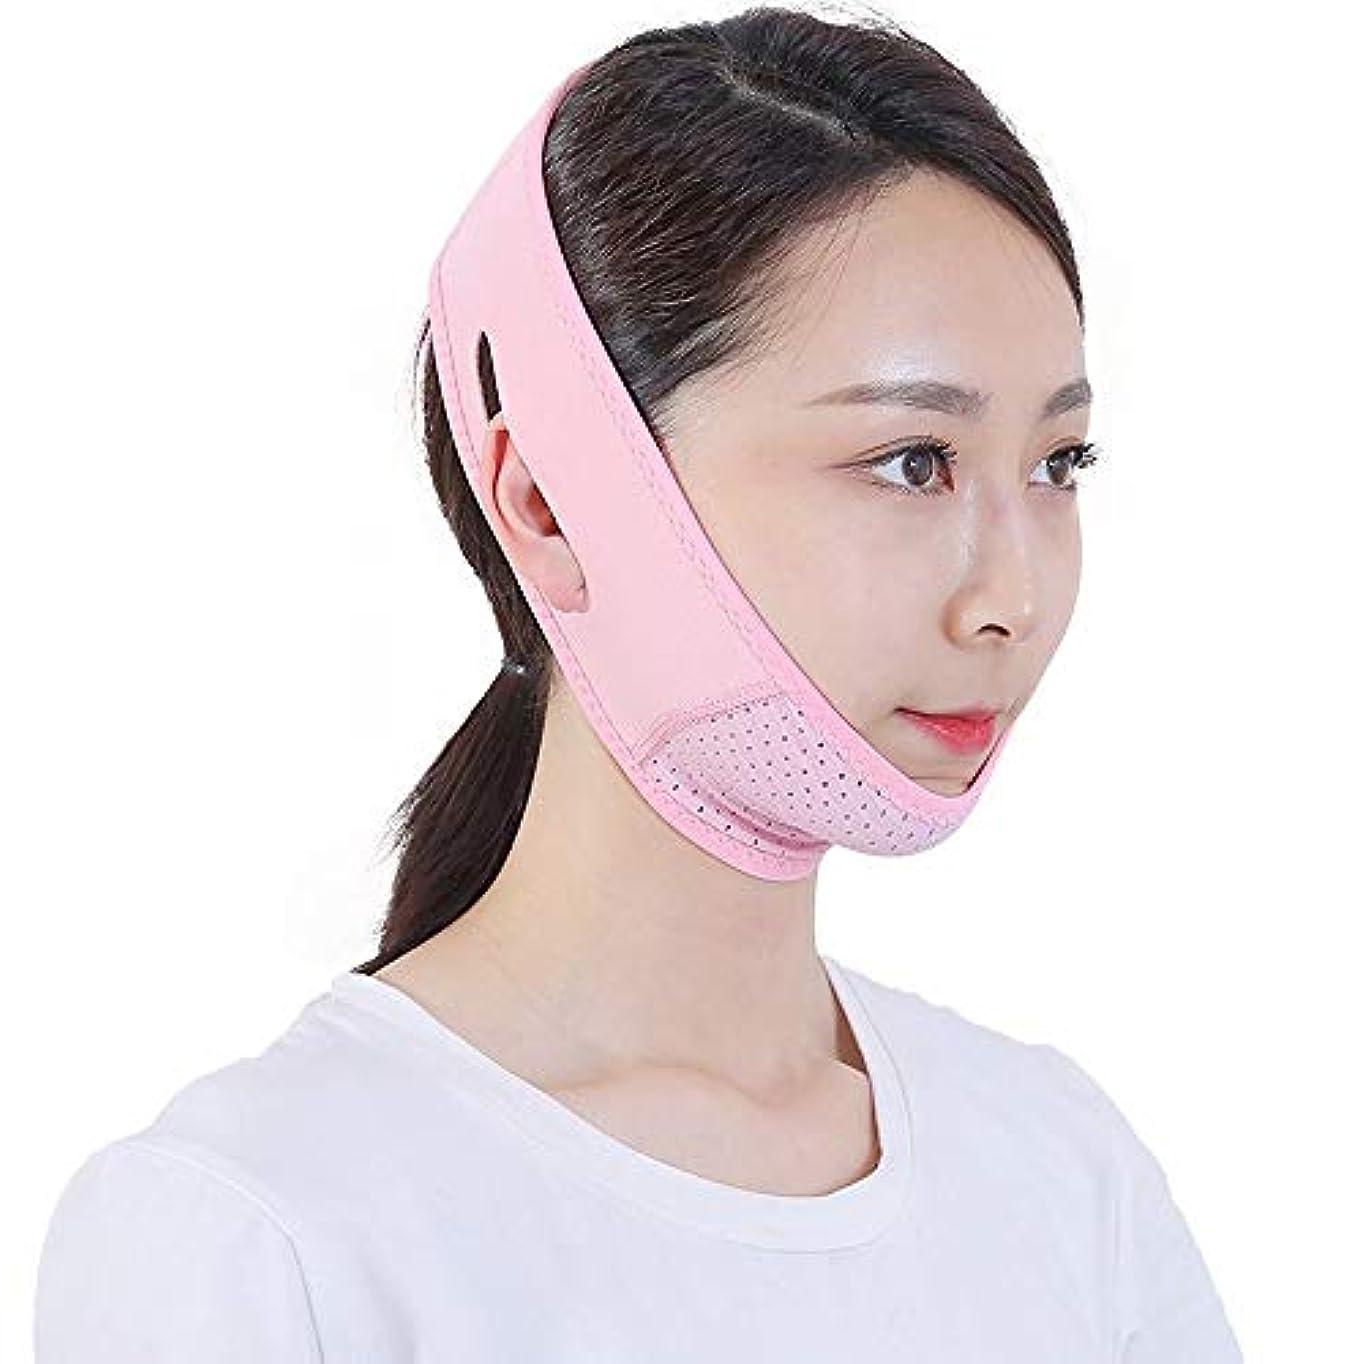 メイドしないでください梨フェイスリフティングベルト、フェイスリフティング包帯フェイシャルフェイスシェイパーV字型包帯美容機器は、二重あごのしわ防止 (Color : Pink)